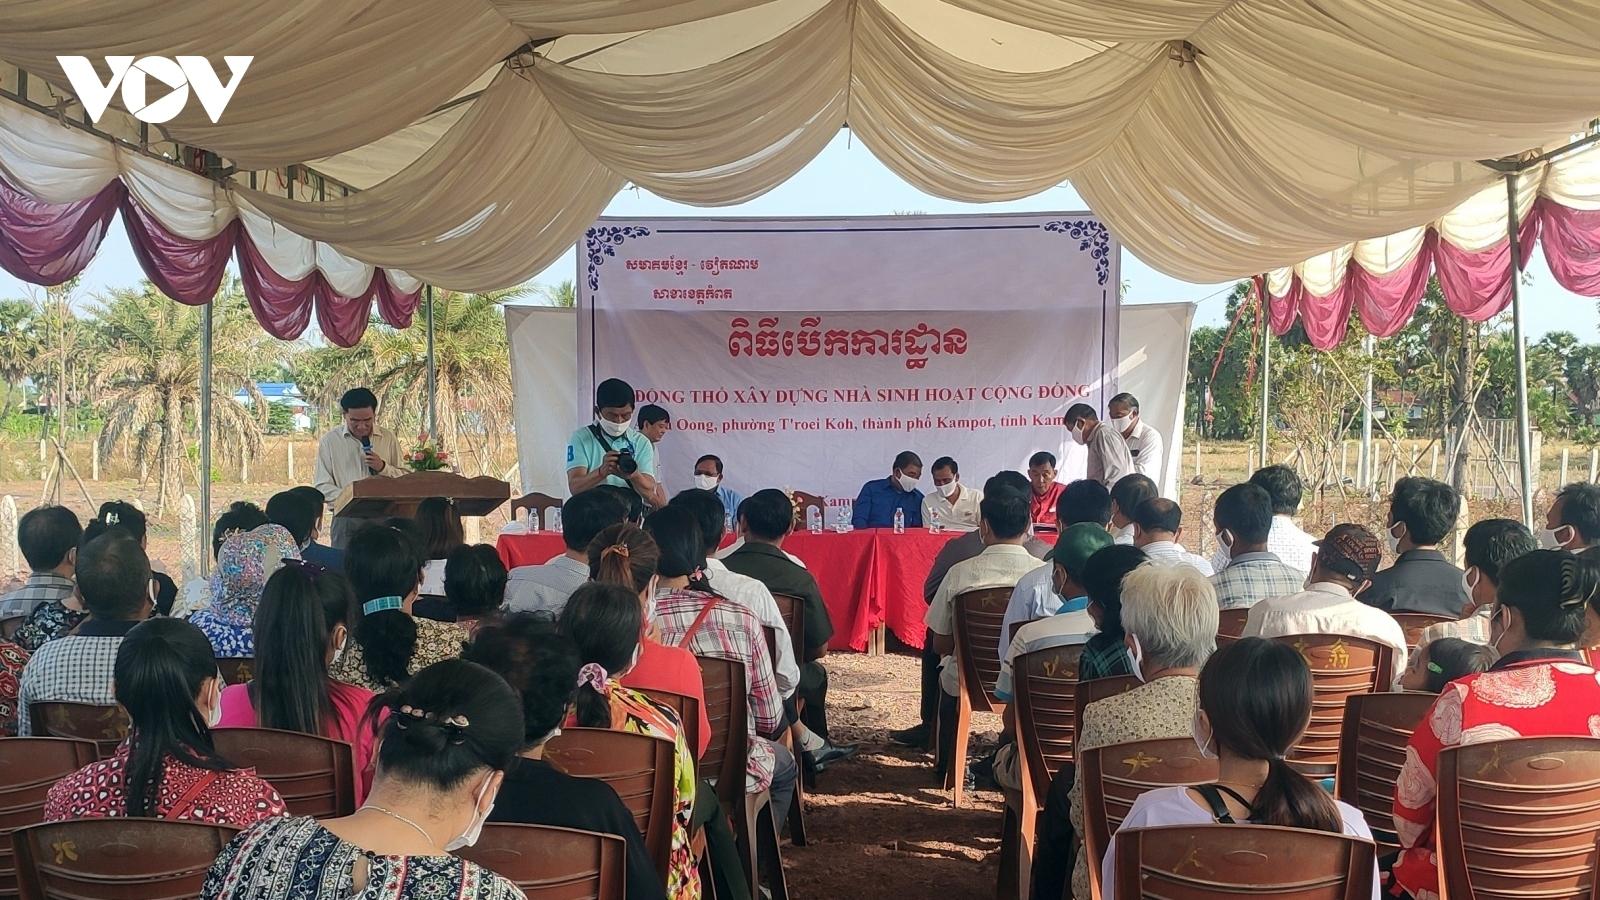 Khởi công xây nhà sinh hoạt cộng đồng cho người gốc Việt tại Kampot (Campuchia)